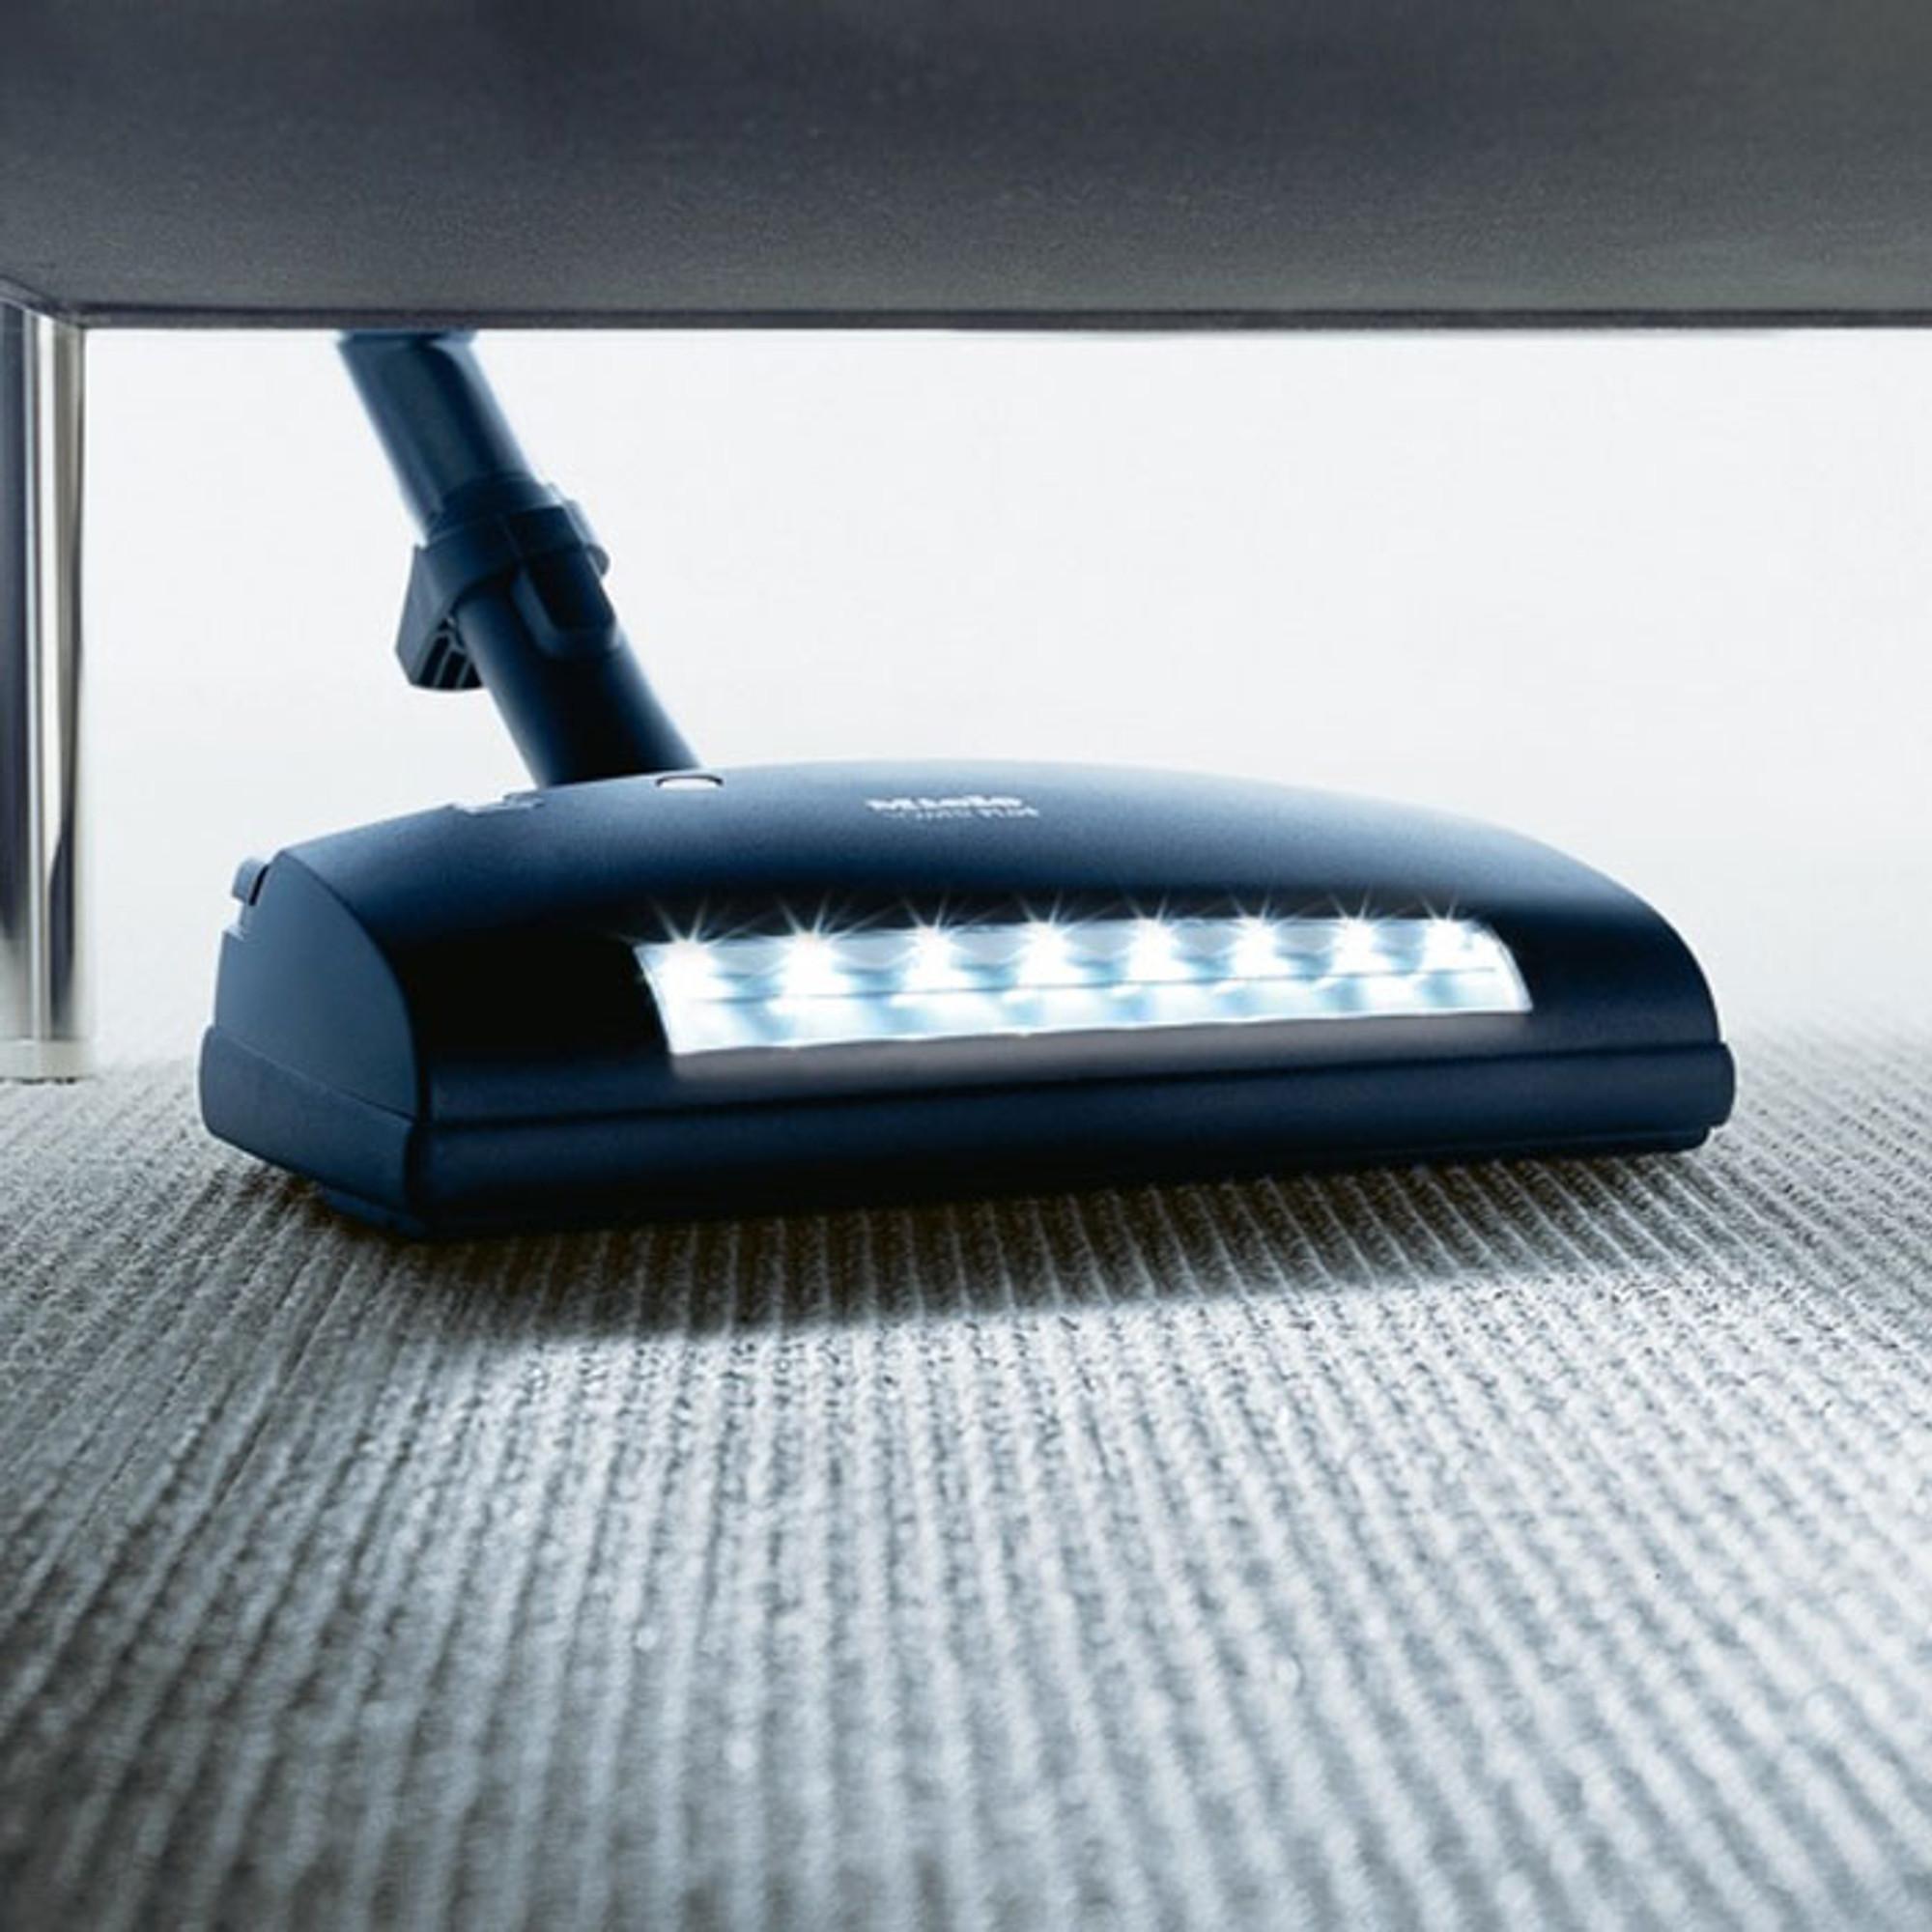 Buy Miele Seb236 Deep Clean Power Head Vacuum Cleaner